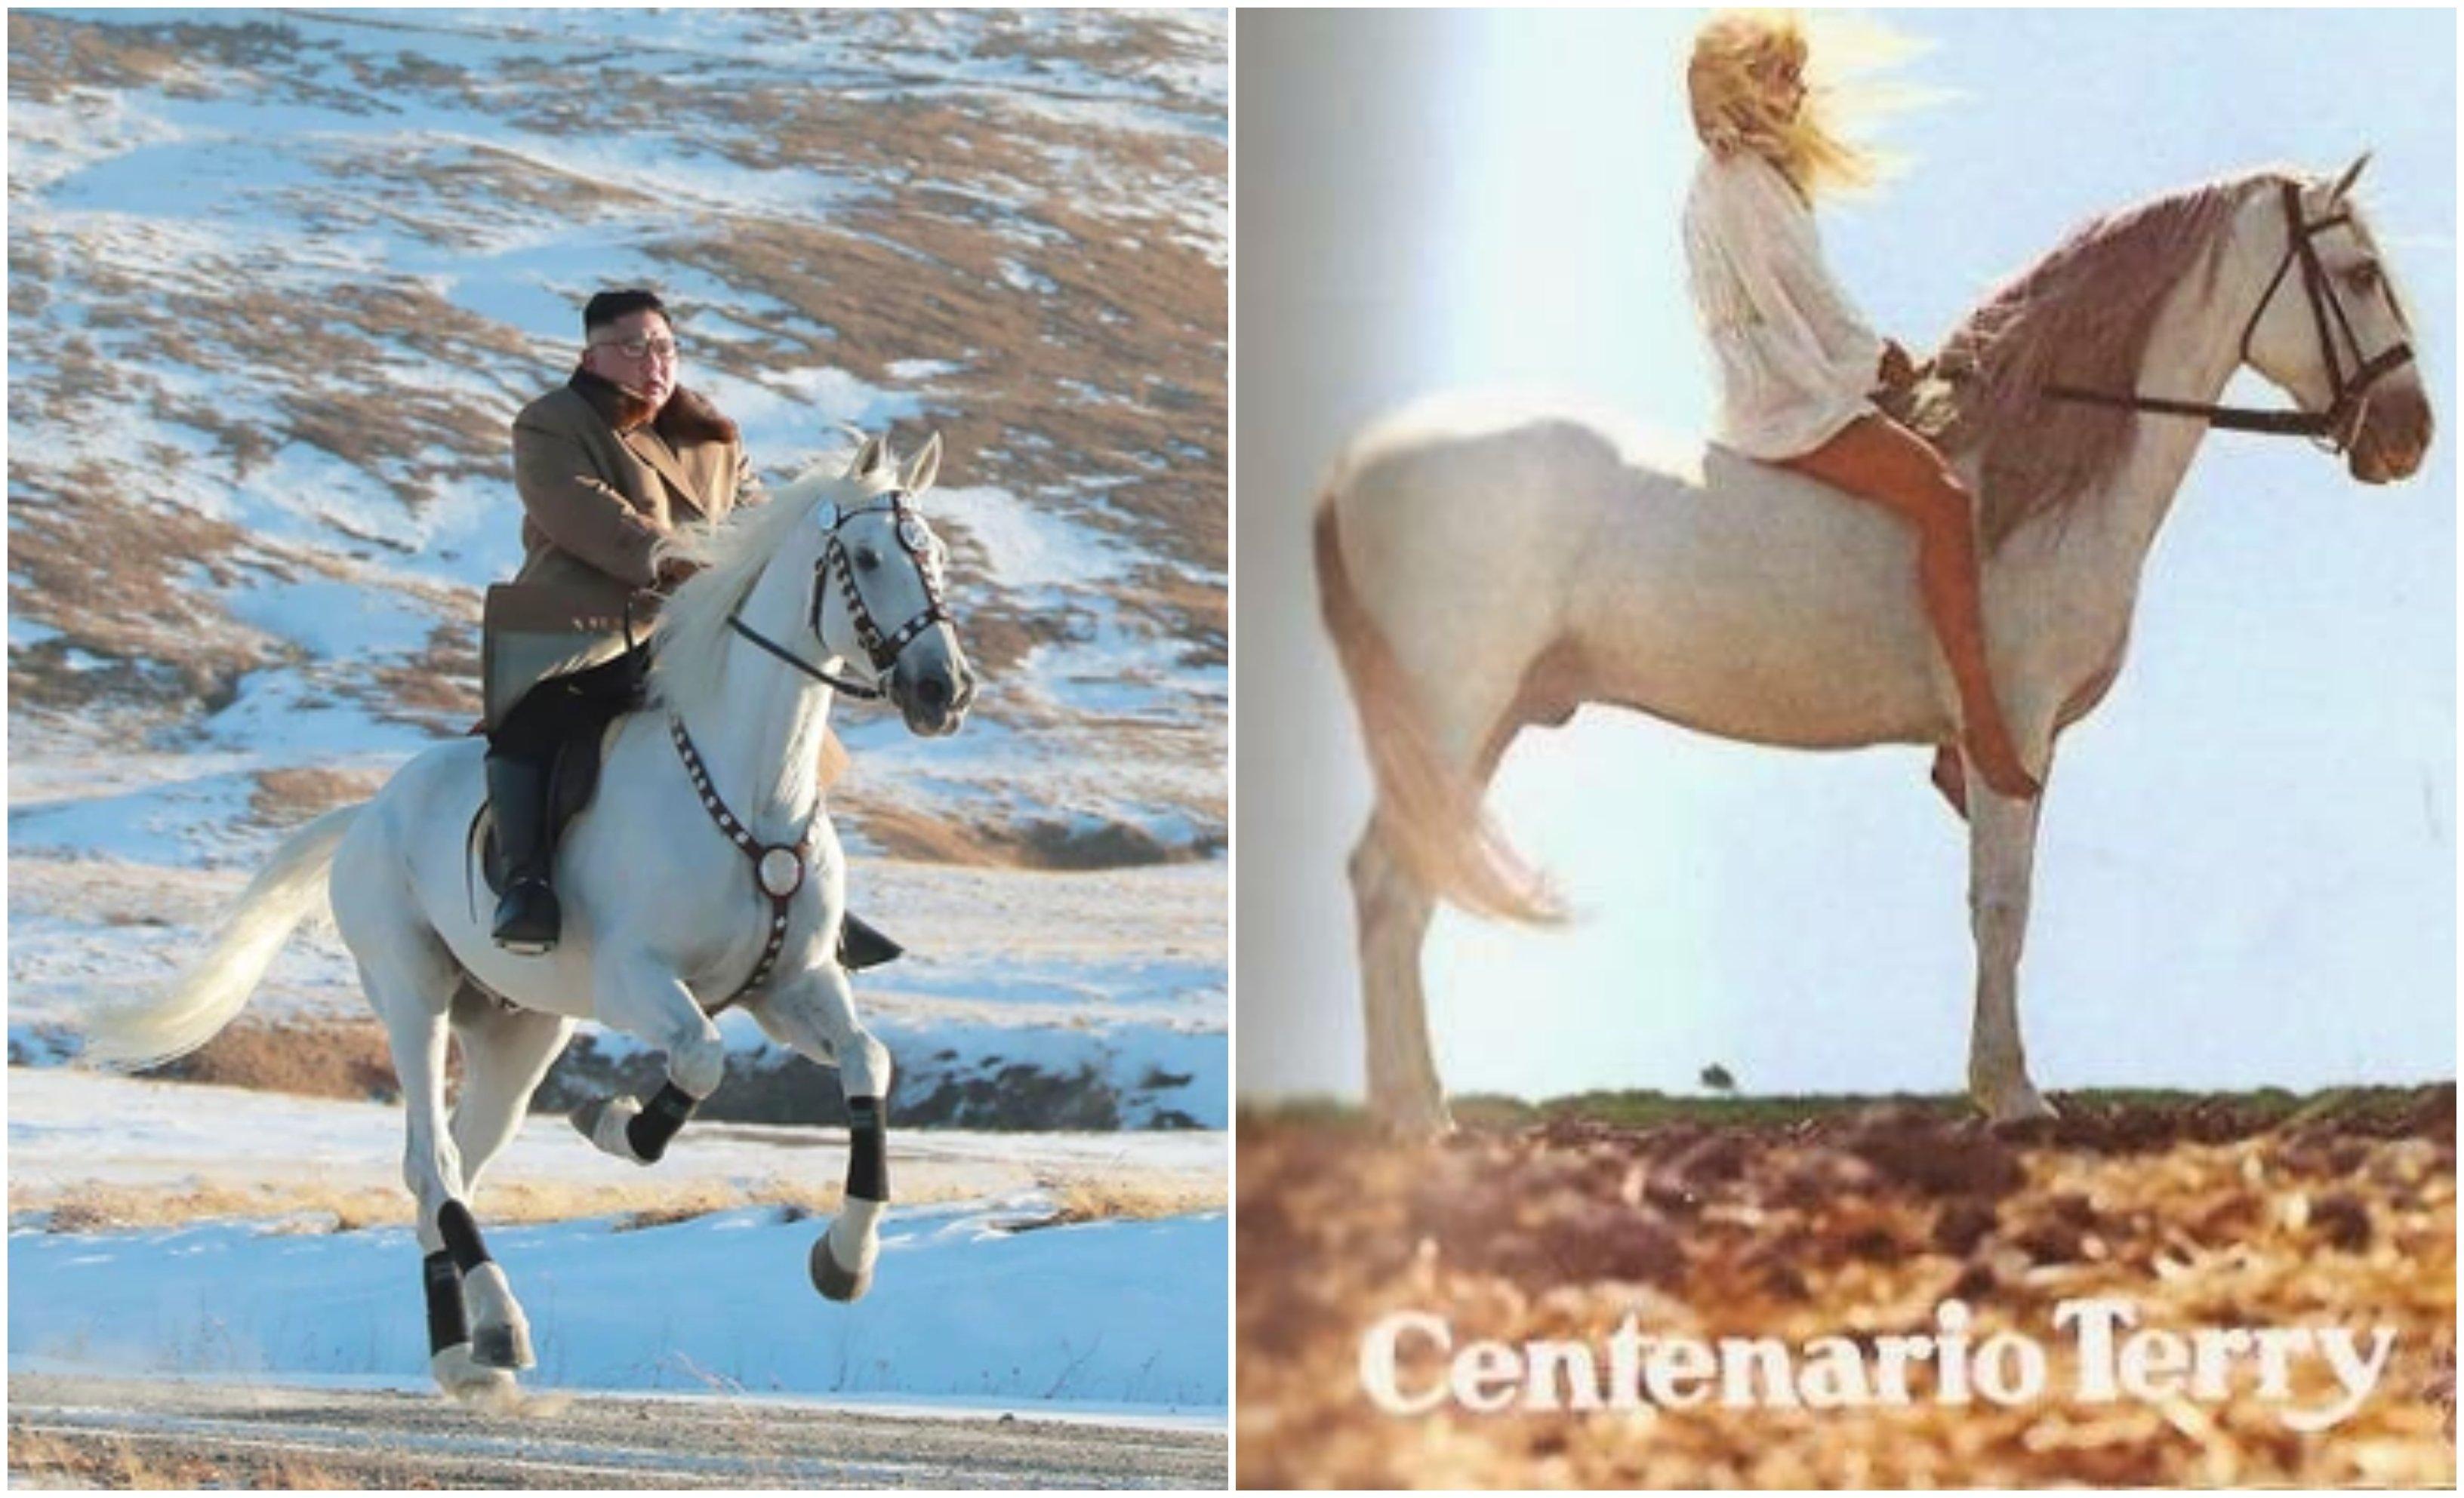 Kim Jong un galopando hacia nuevos horizontes... ahora quiere ser modelo como la chica 'Terry'